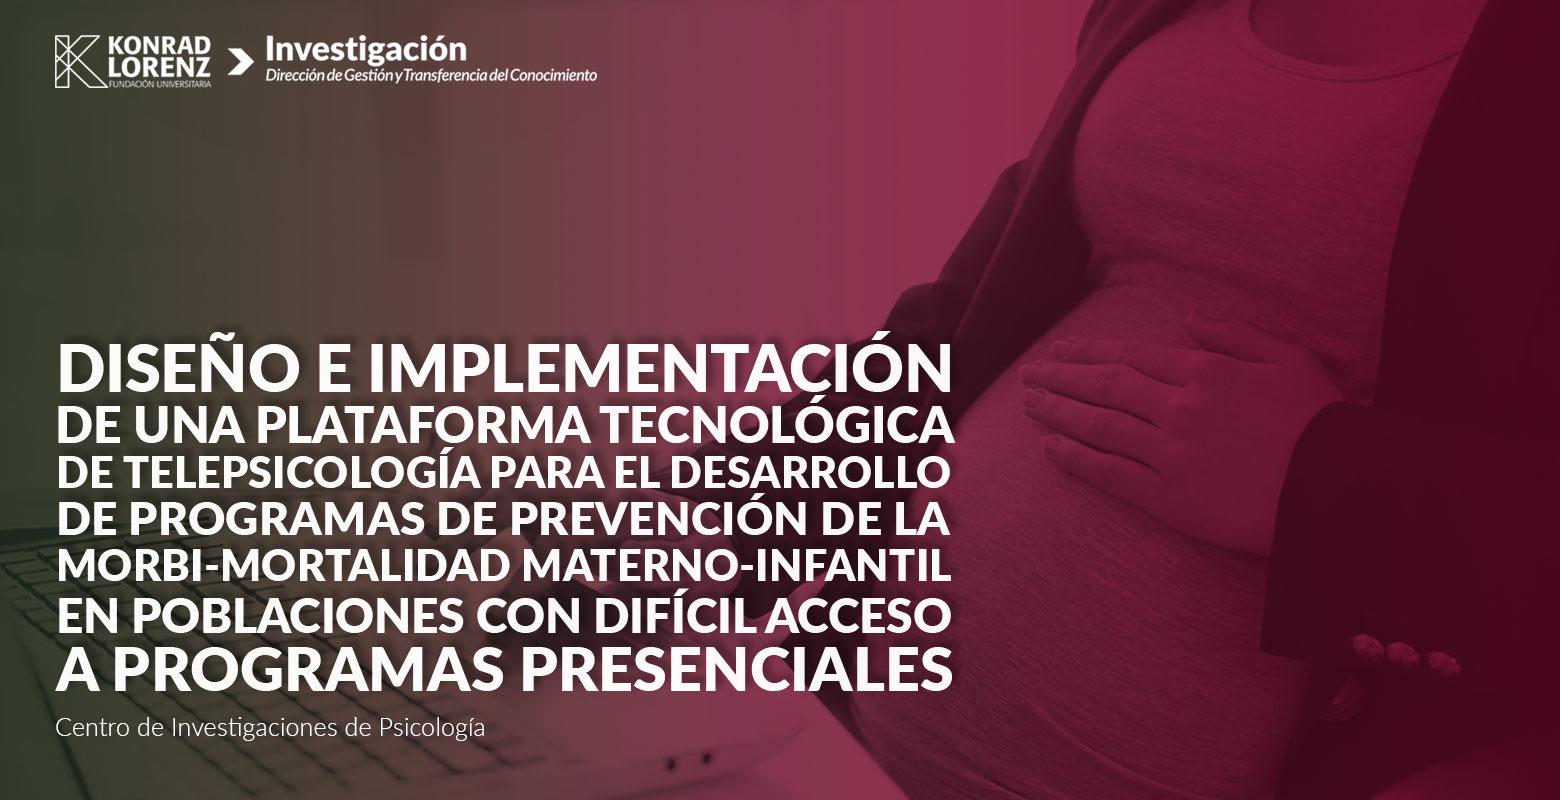 Diseño e implementación de una plataforma tecnológica de telepsicología para el desarrollo de programas de prevención de la morbi-mortalidad materno-infantil en poblaciones con difícil acceso a programas presenciales